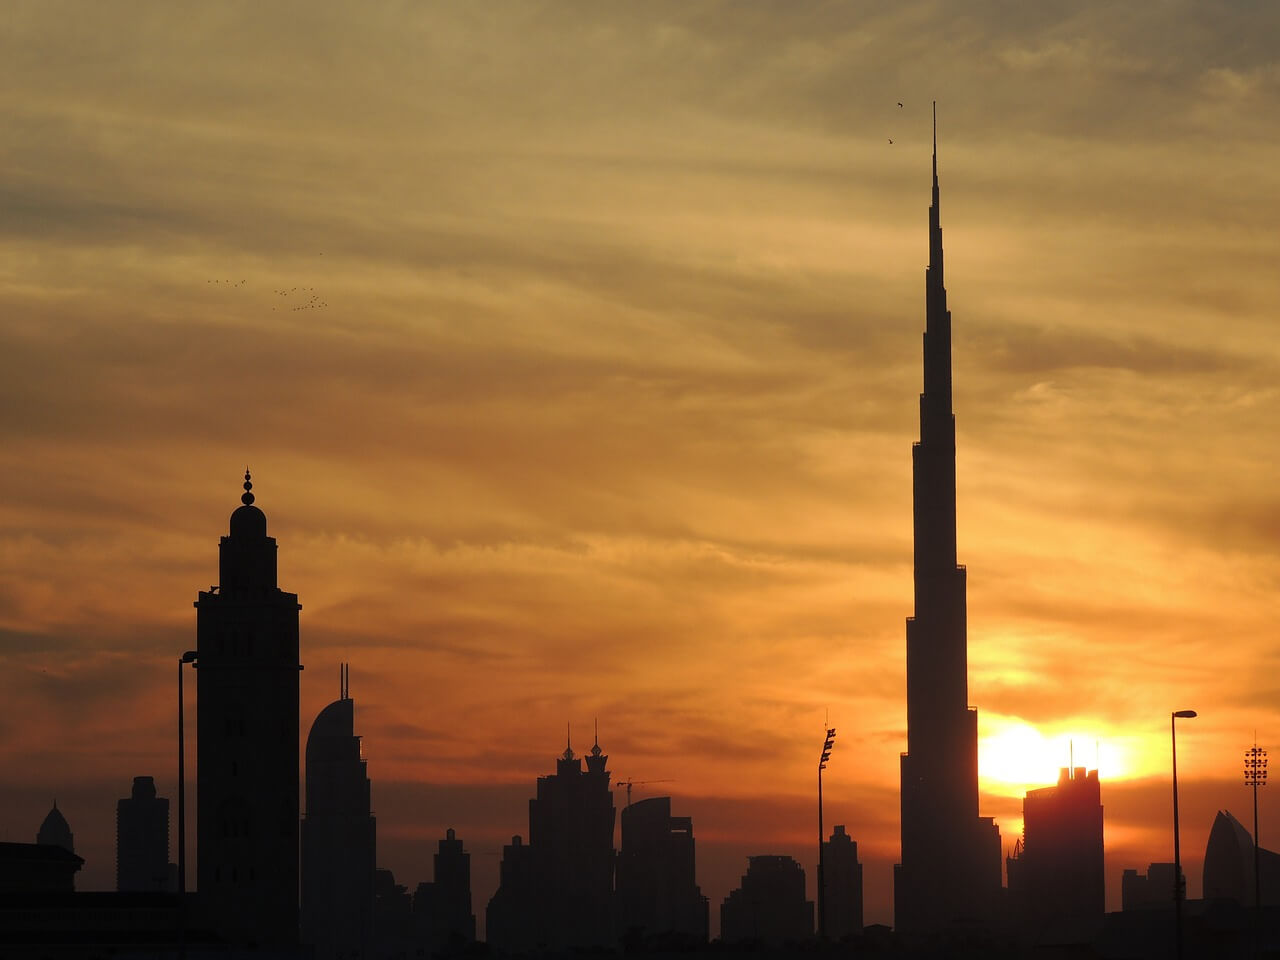 Die Top 10 der höchsten Bauwerke